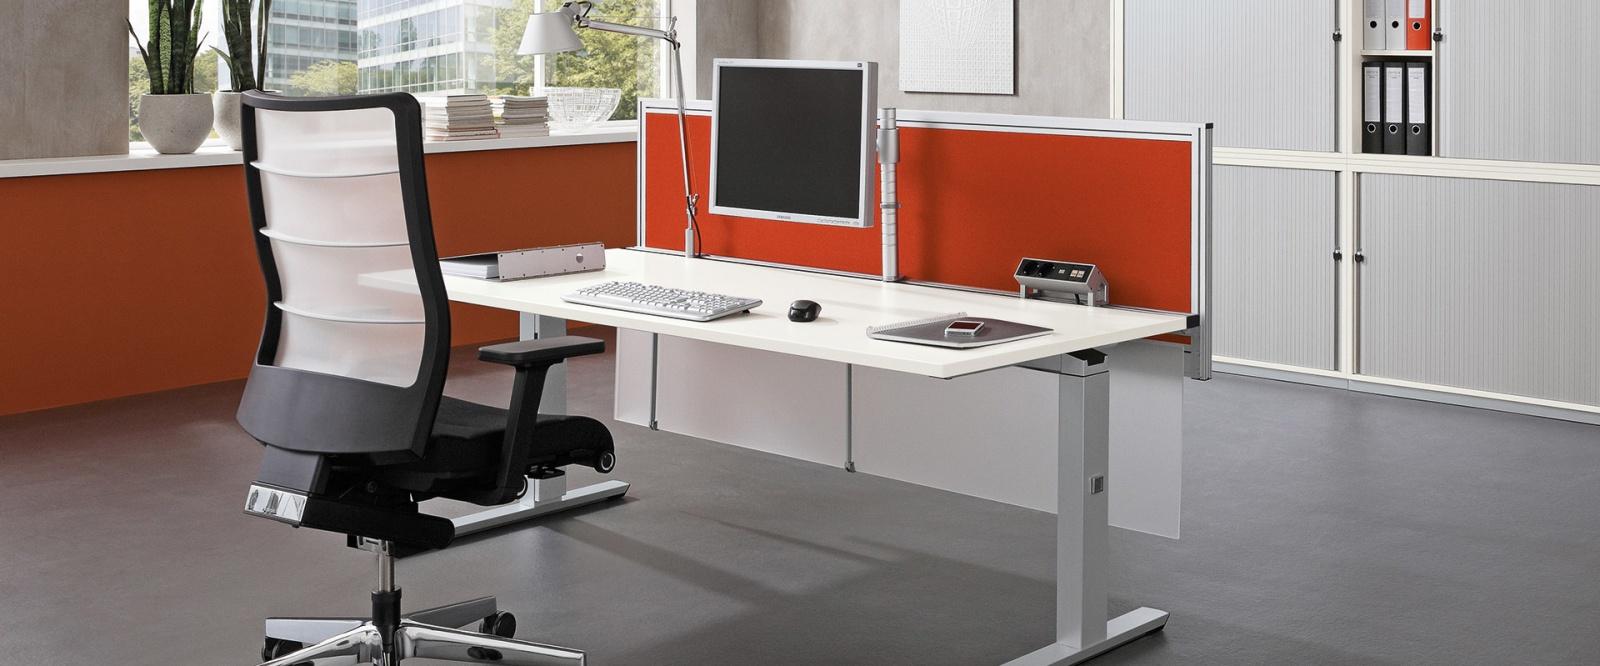 ergonomisches b rozubeh r bildschirmhalter monitorarme vorlagenhalter bk. Black Bedroom Furniture Sets. Home Design Ideas